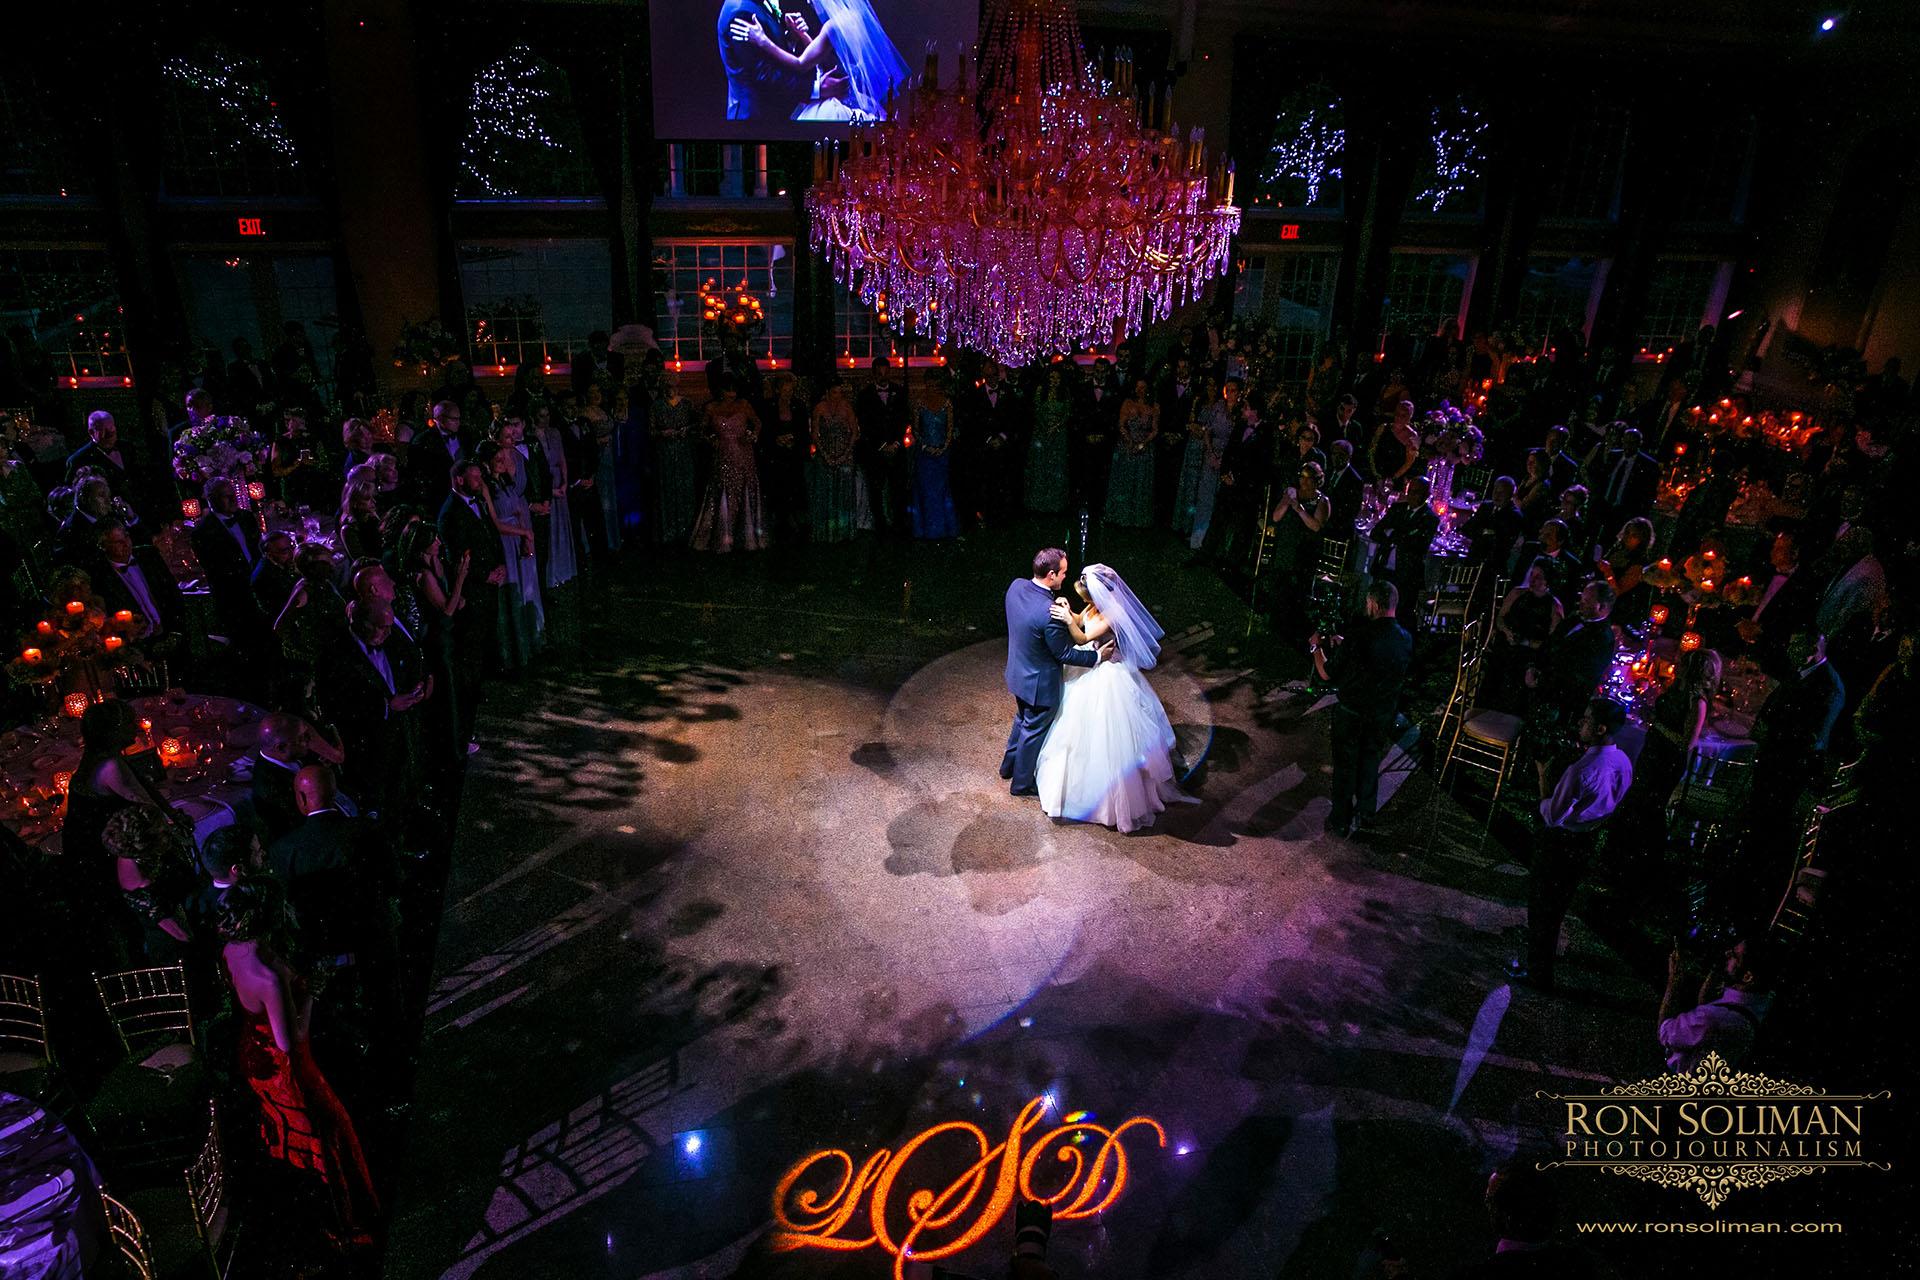 wedding first dance photos